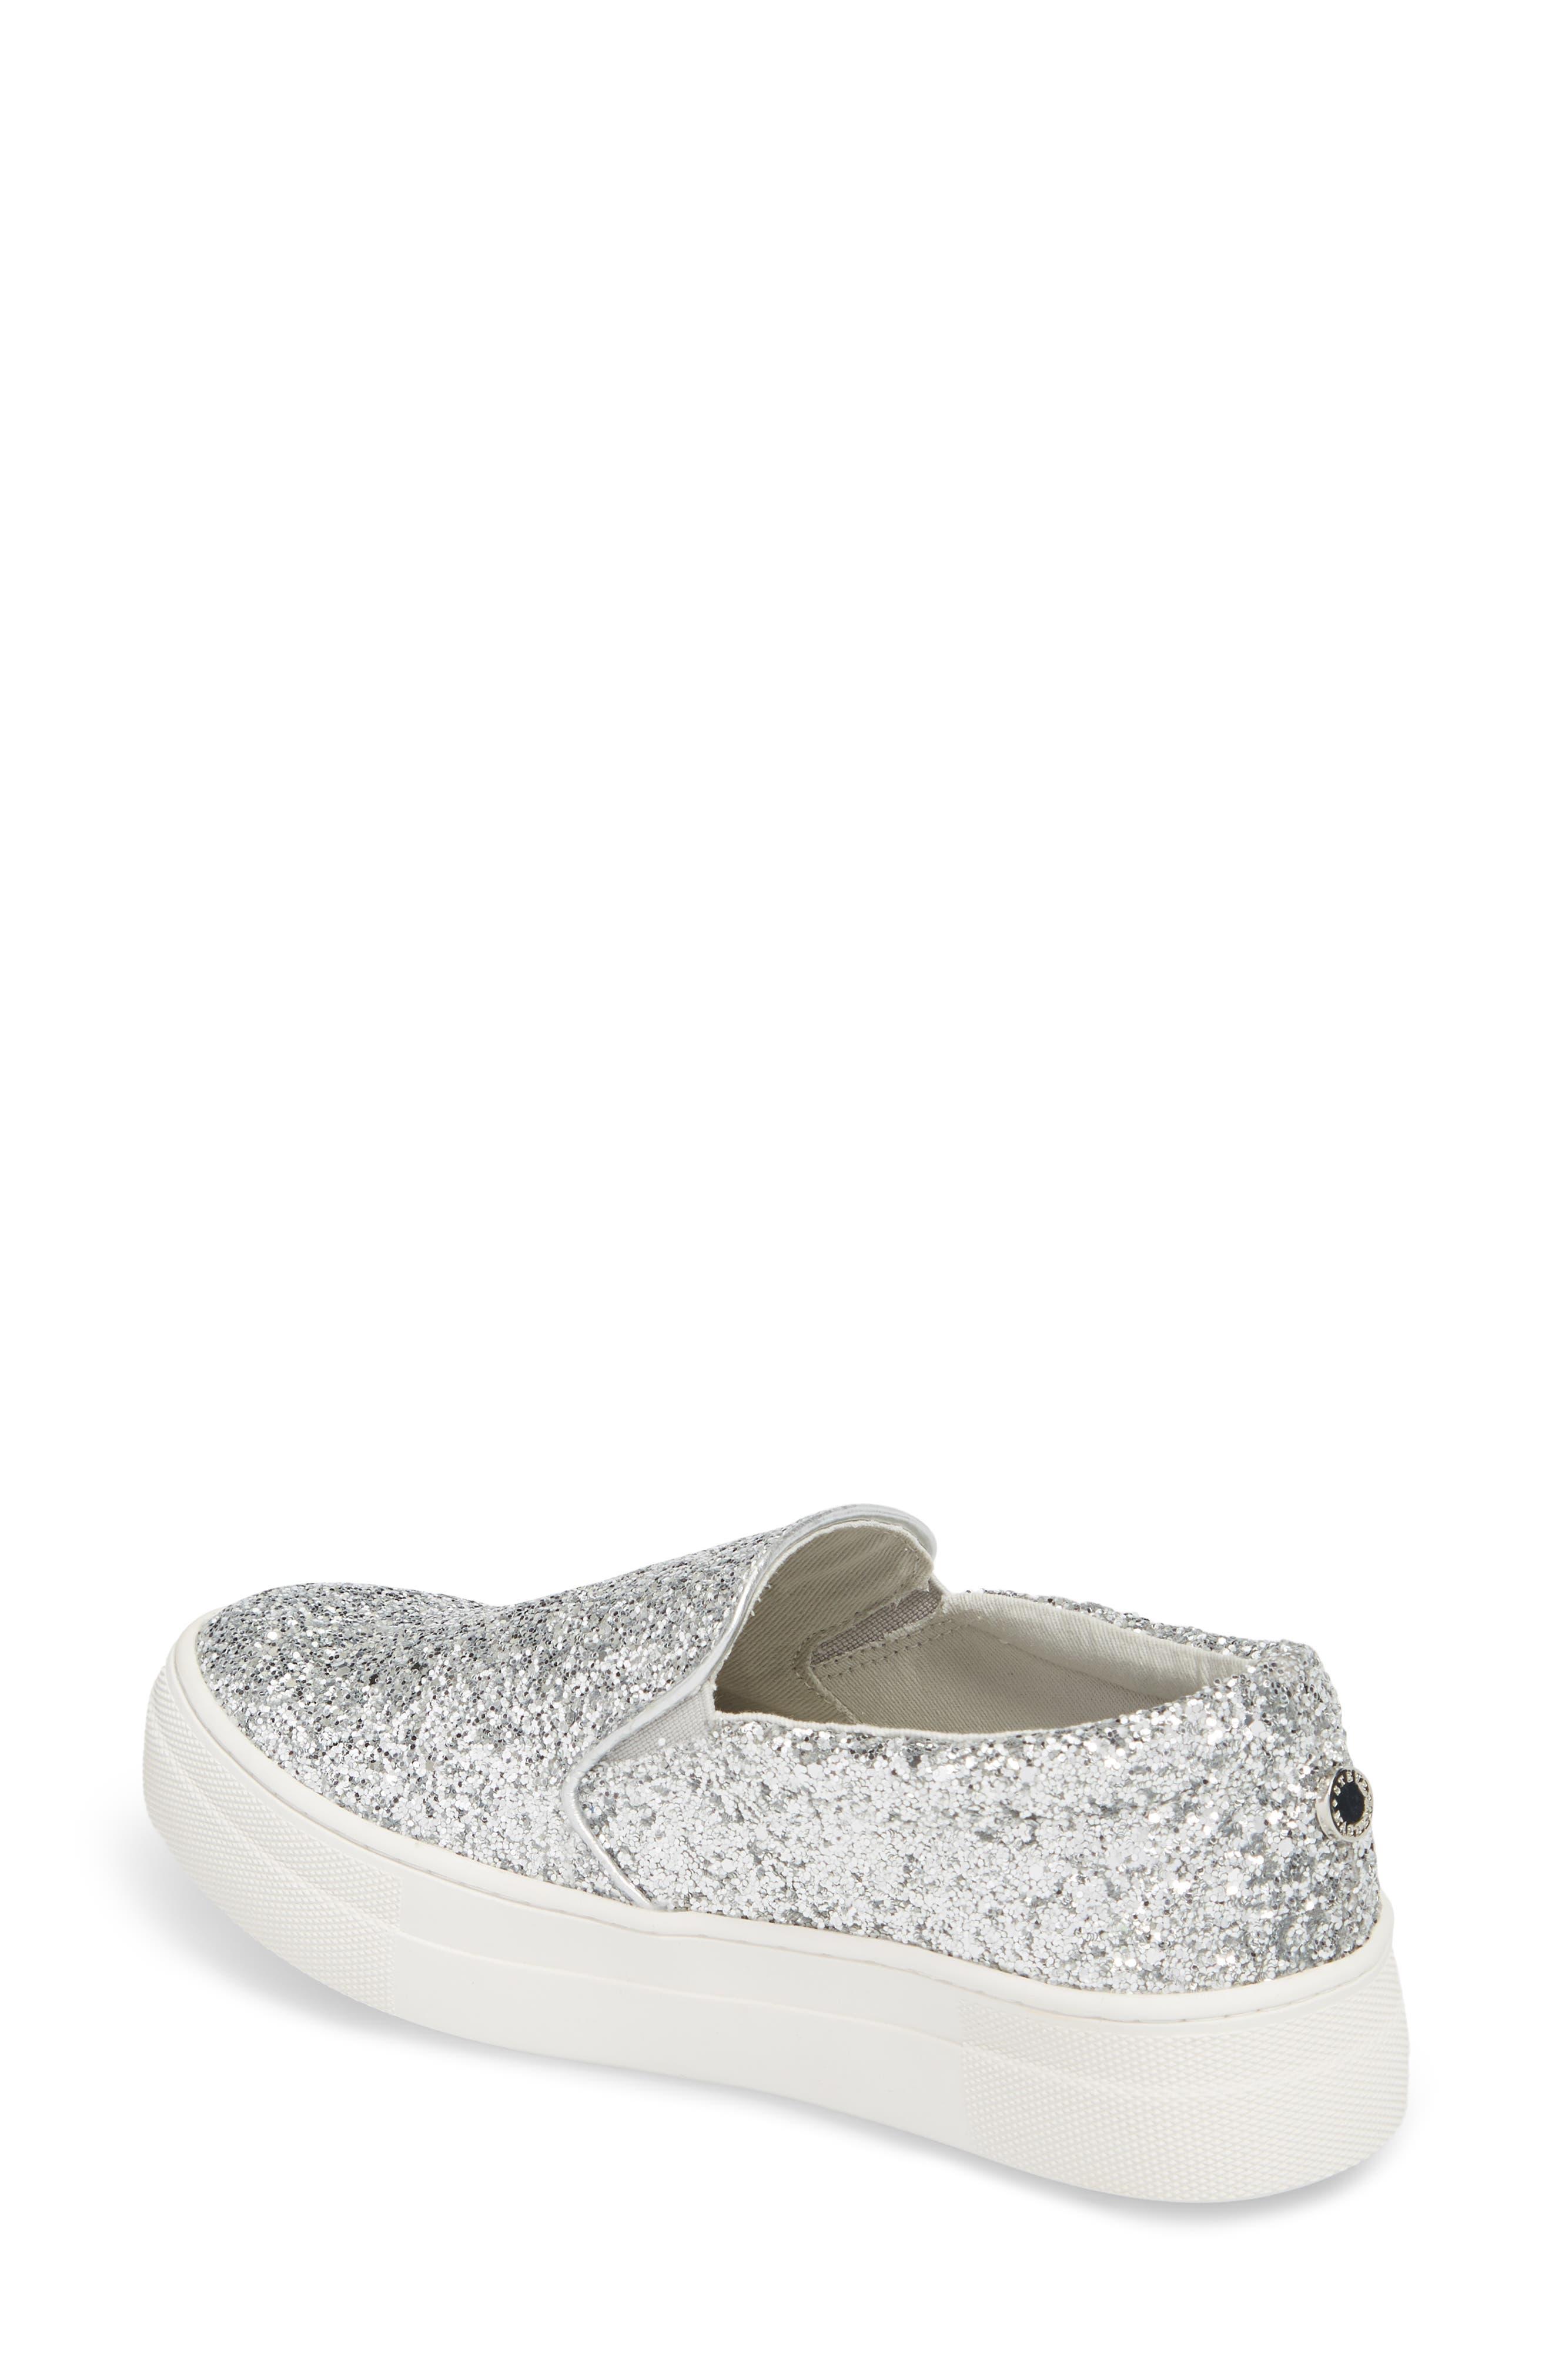 Gills Platform Slip-On Sneaker,                             Alternate thumbnail 2, color,                             Silver Glitter